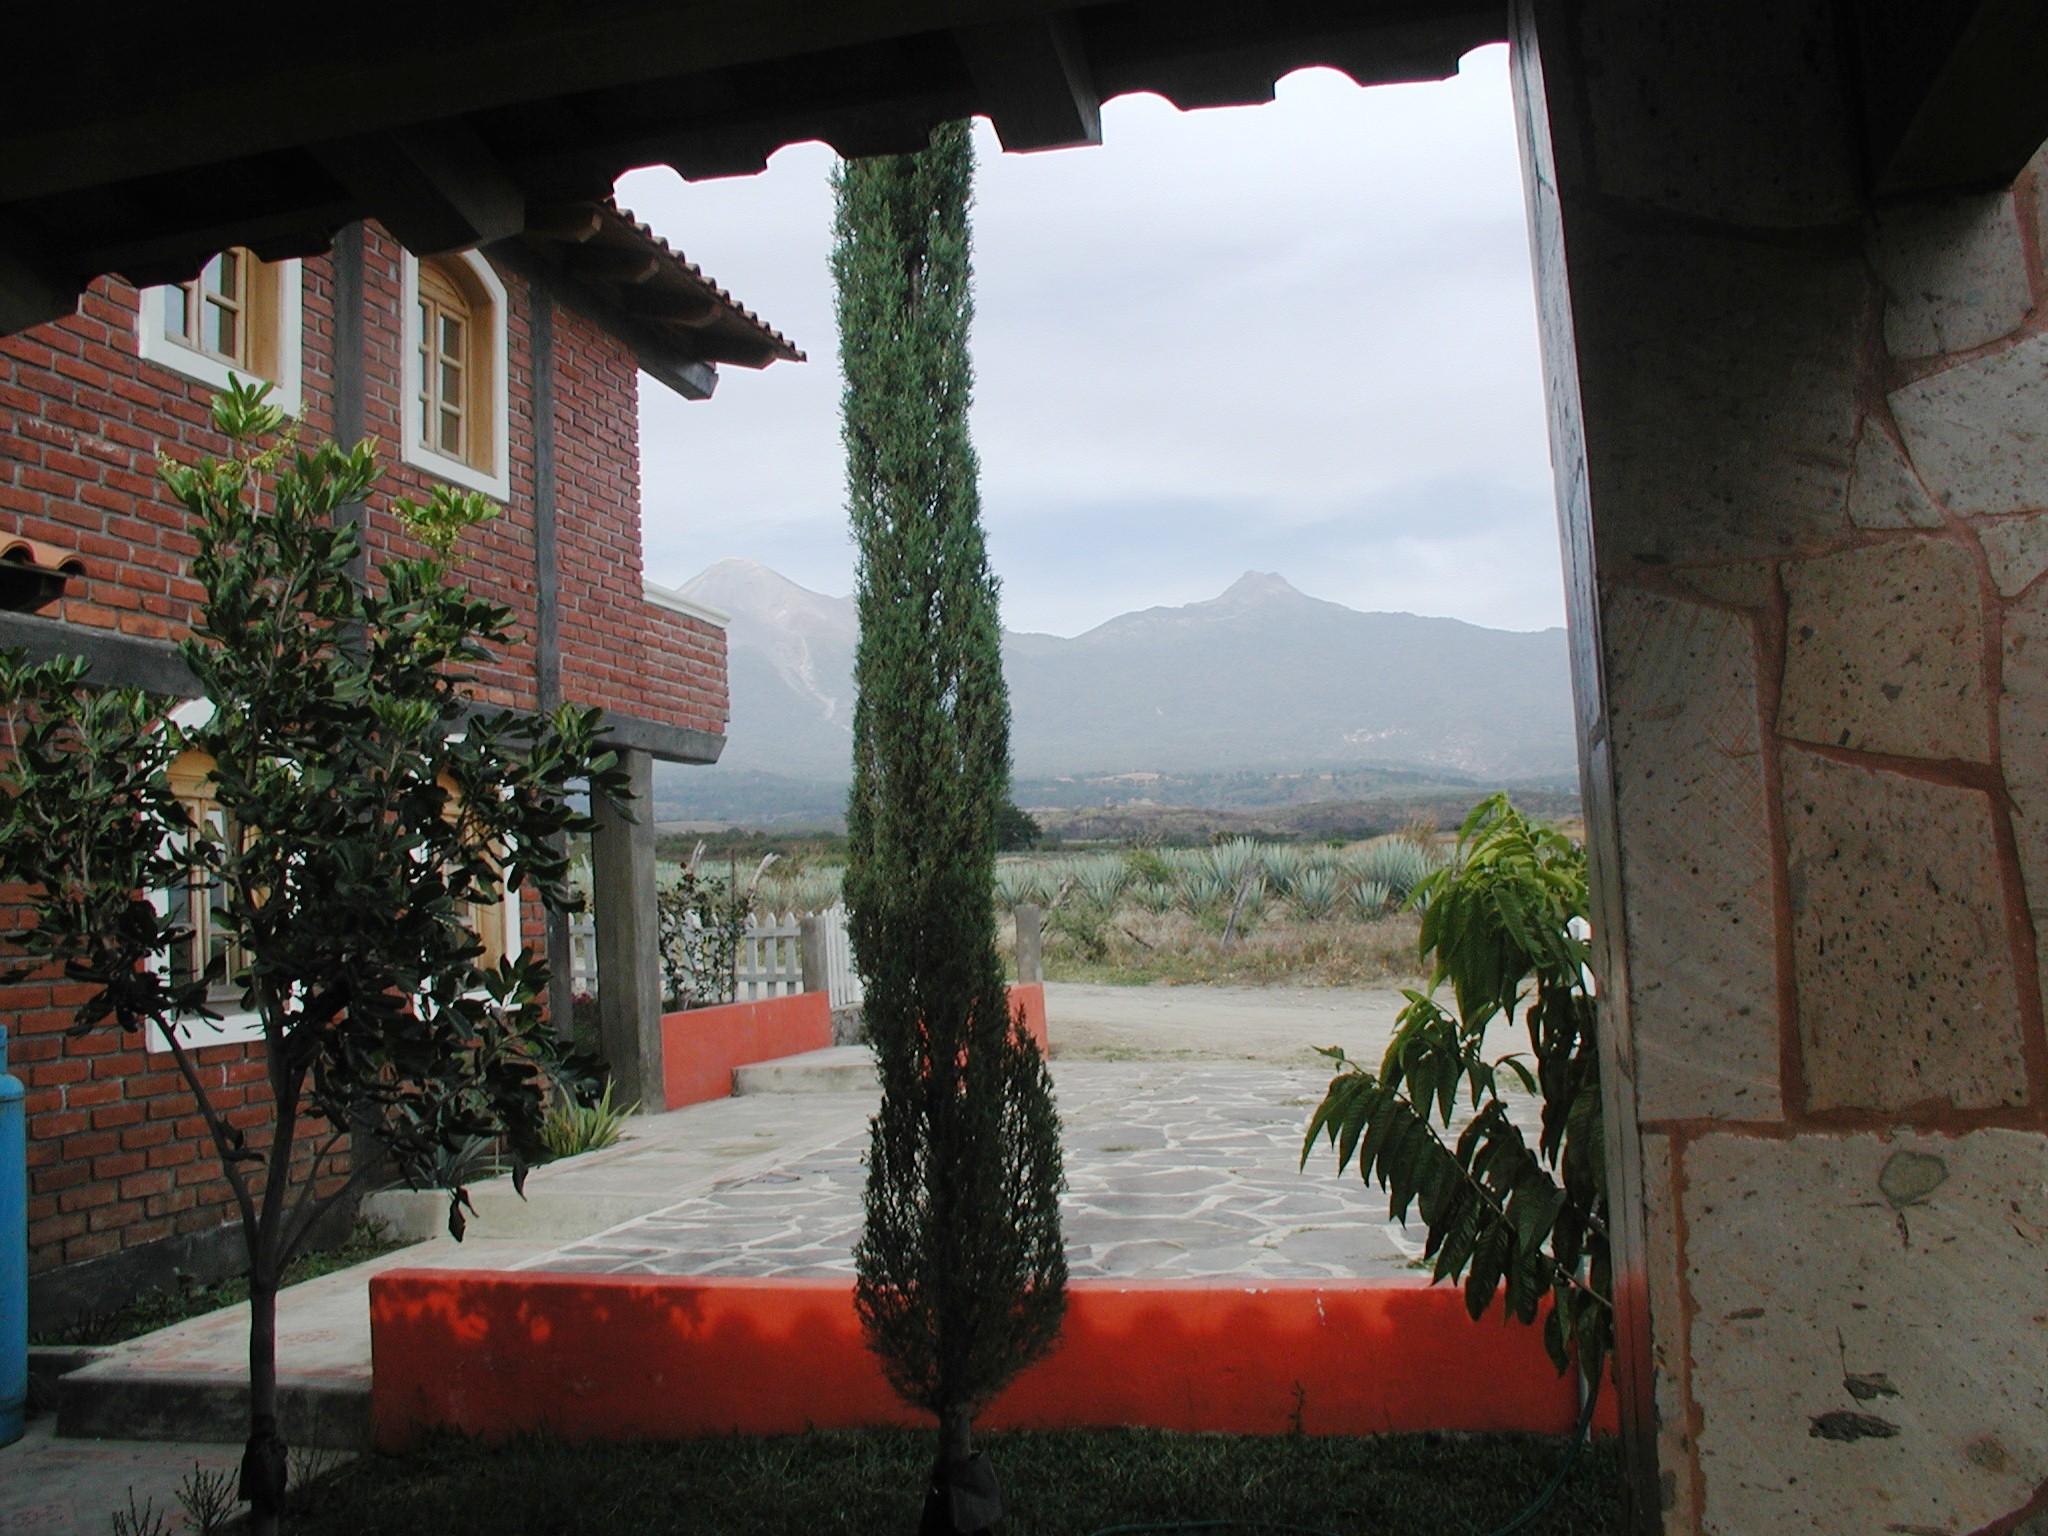 File Volcanes Desde Terraza Cabaña Panoramio Jpg